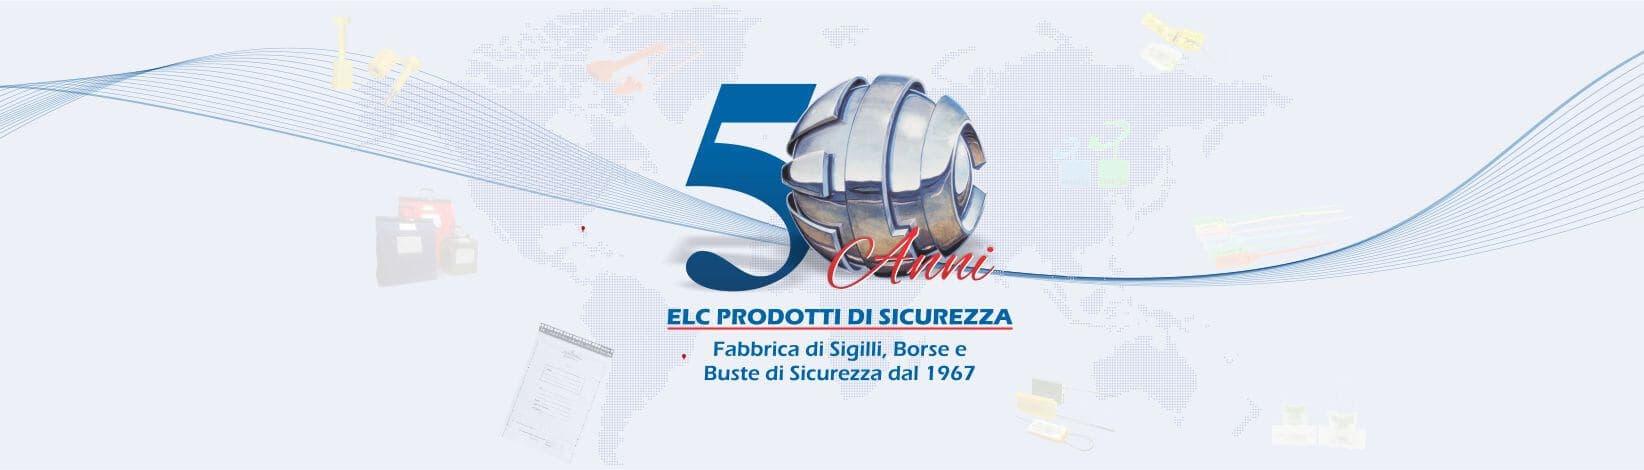 elc-50-anni